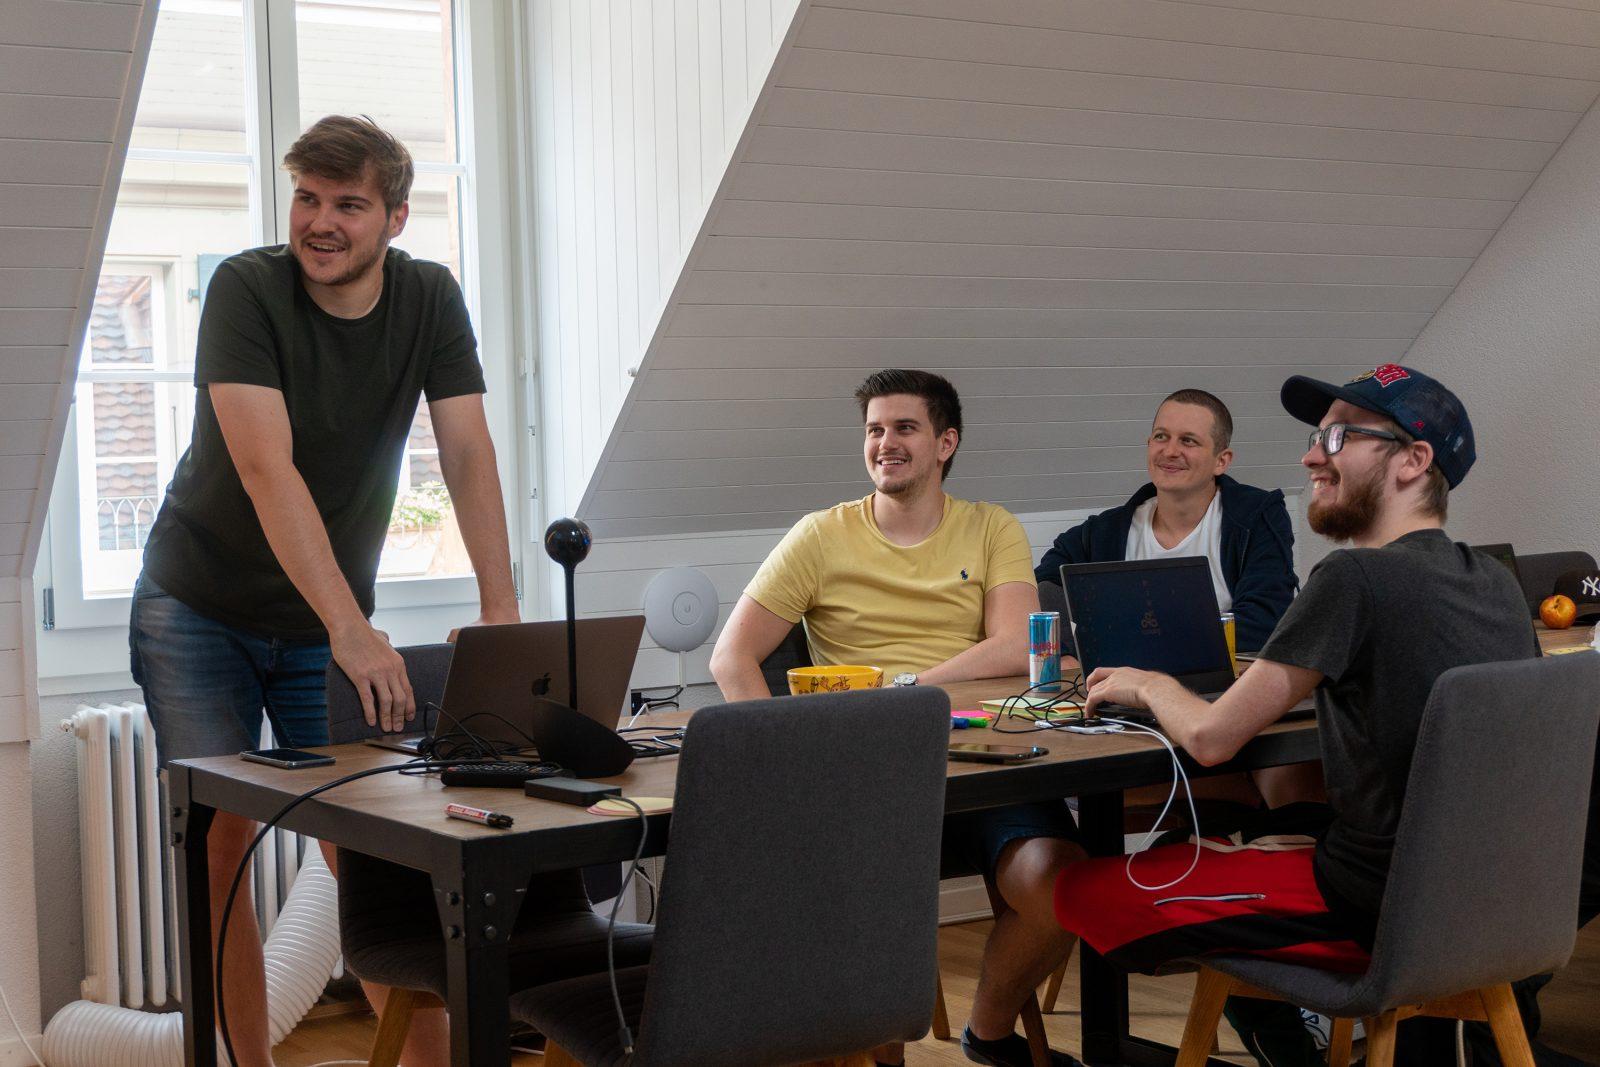 Vier lachende Männer in einem Meeting.